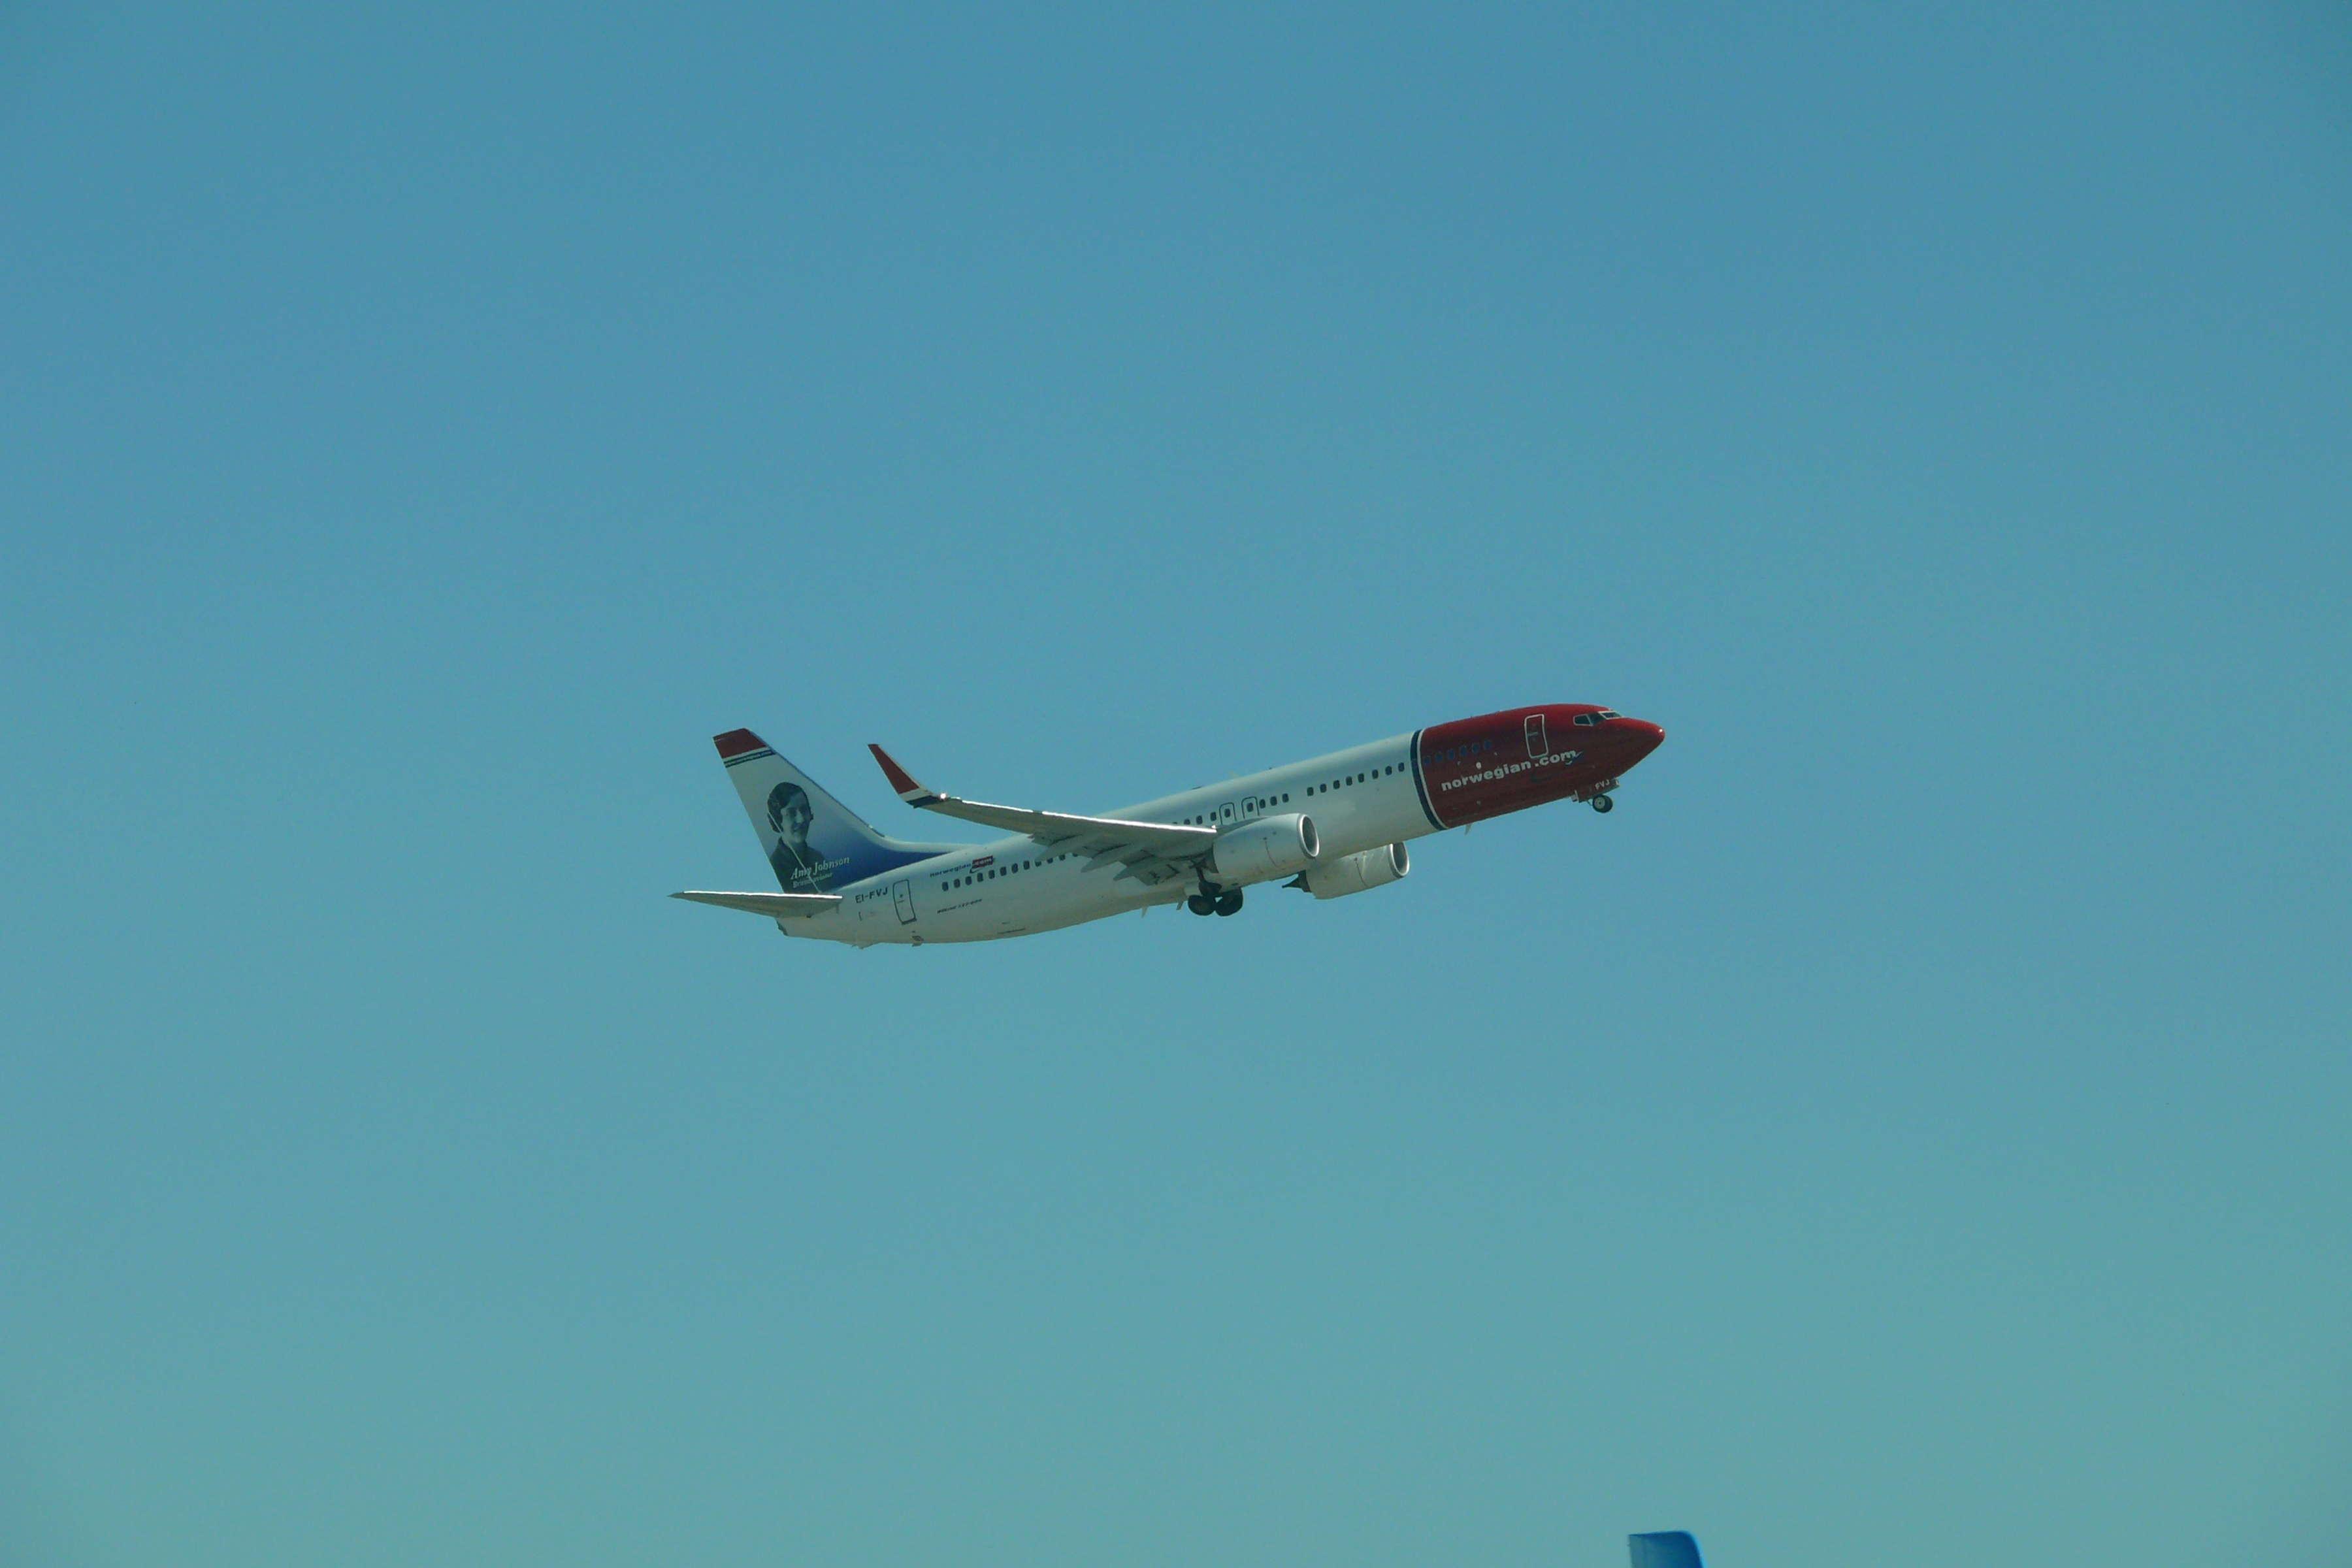 El Prat - Aeropuerto de Barcelona P1170321